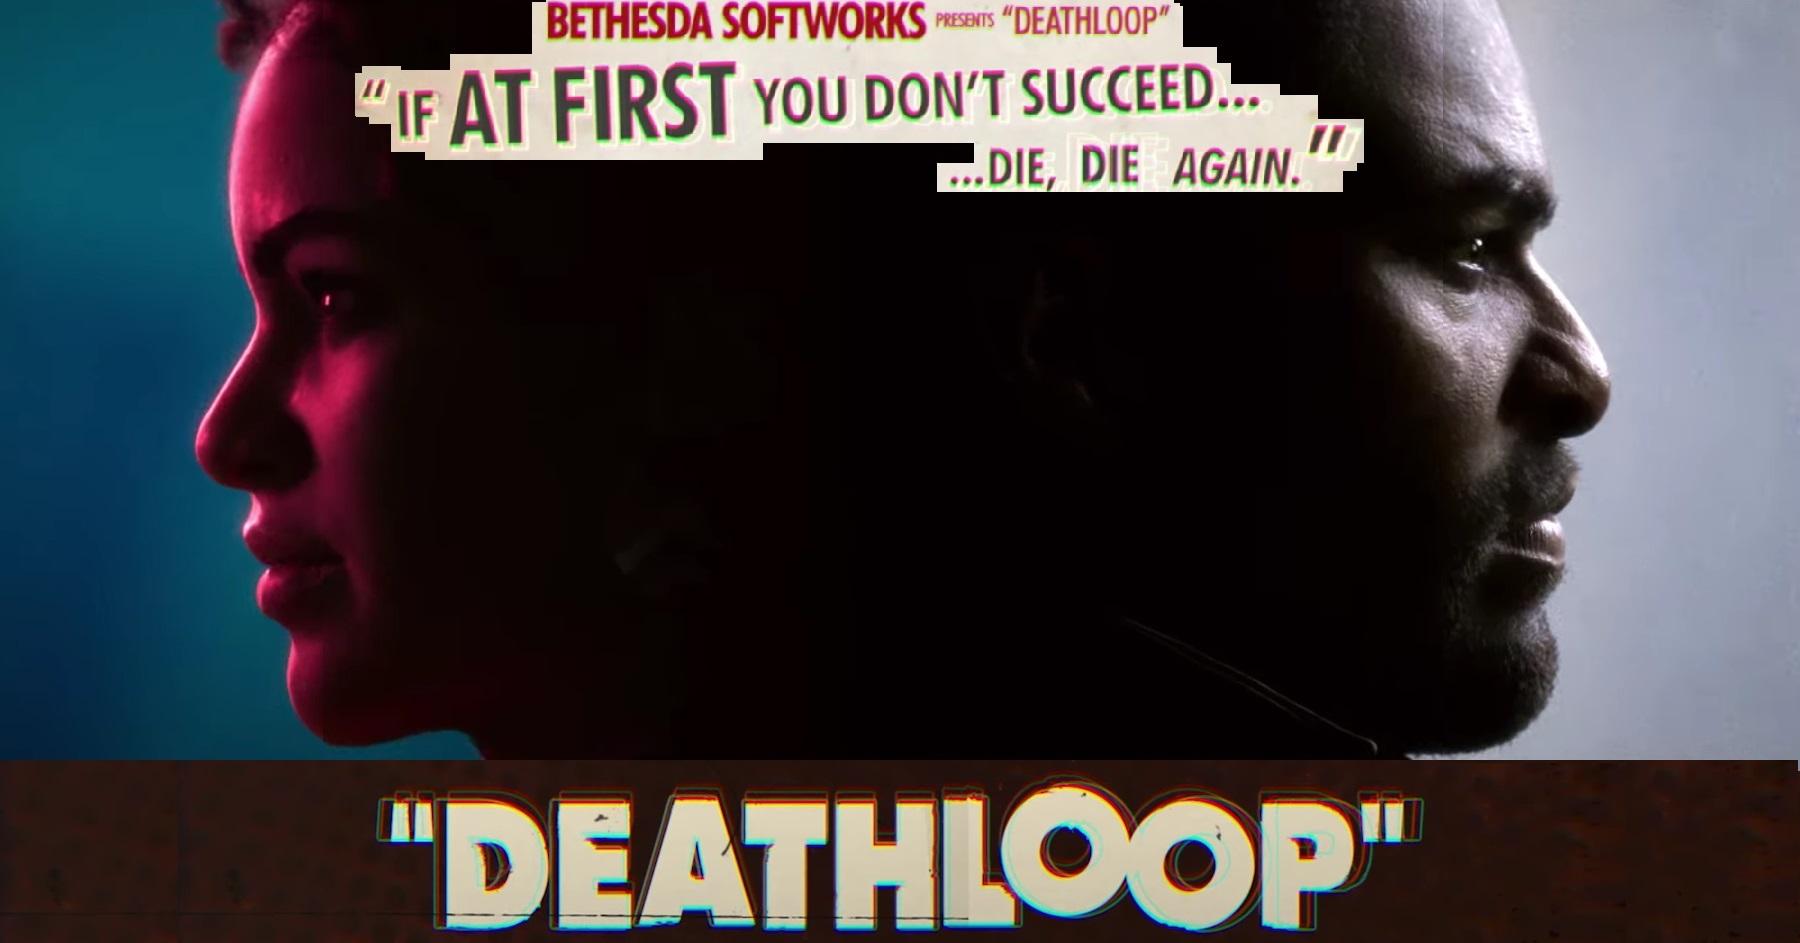 Deathloop - Bethesda Announced Arkane Studios' New Game at E3 2019 - TechHX